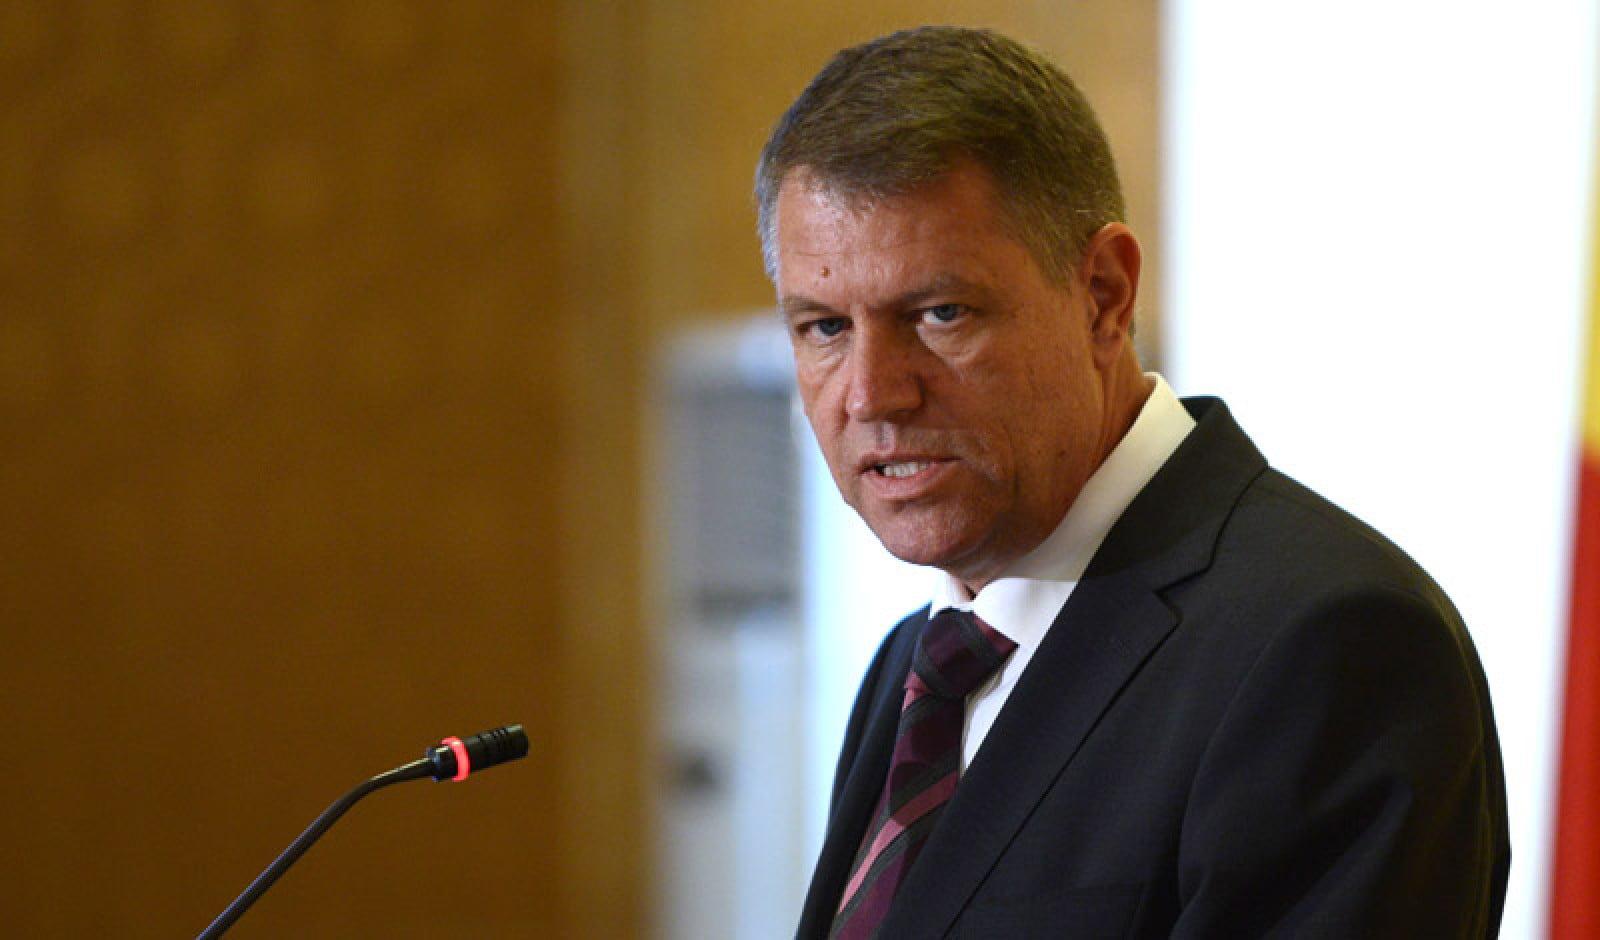 Iohannis: Lipsa unui sistem de avertizare rapidă a populației, factor de risc la adresa siguranței naționale